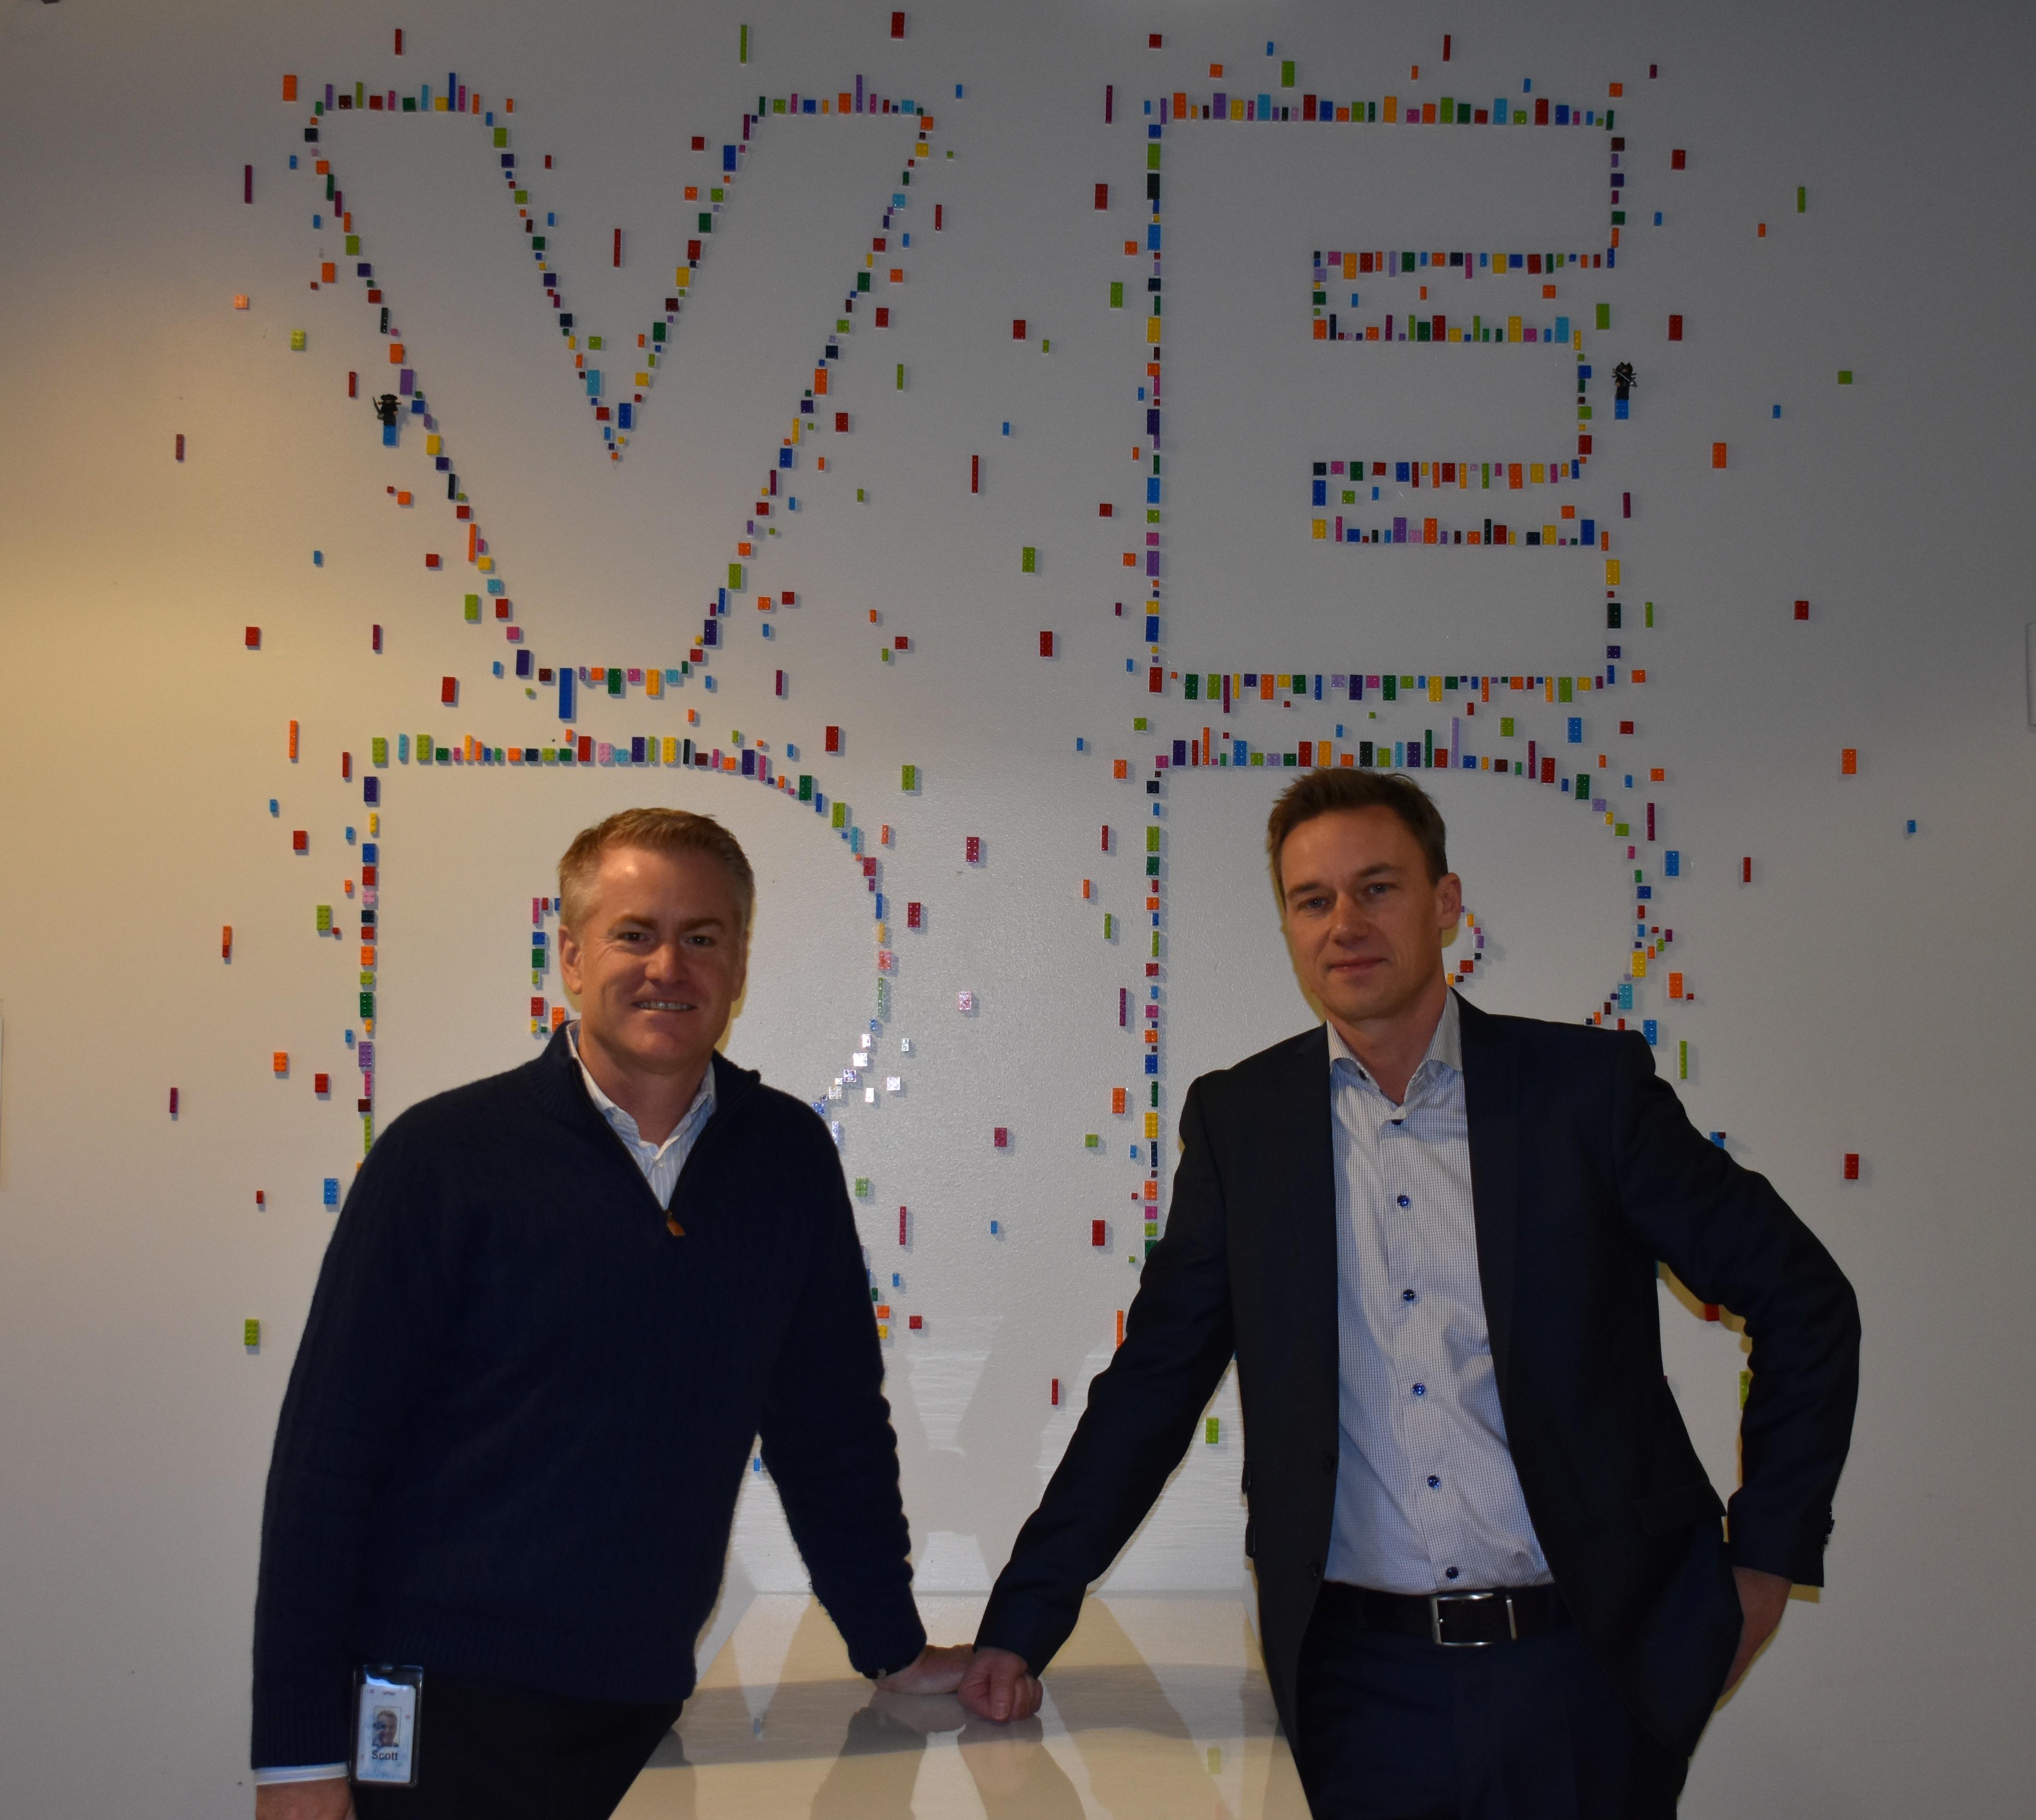 Breakit - Getinge och Verb Surgical Inc. tillkännager strategiskt partnerskap för utveckling av digitala lösningar inom kirurgi